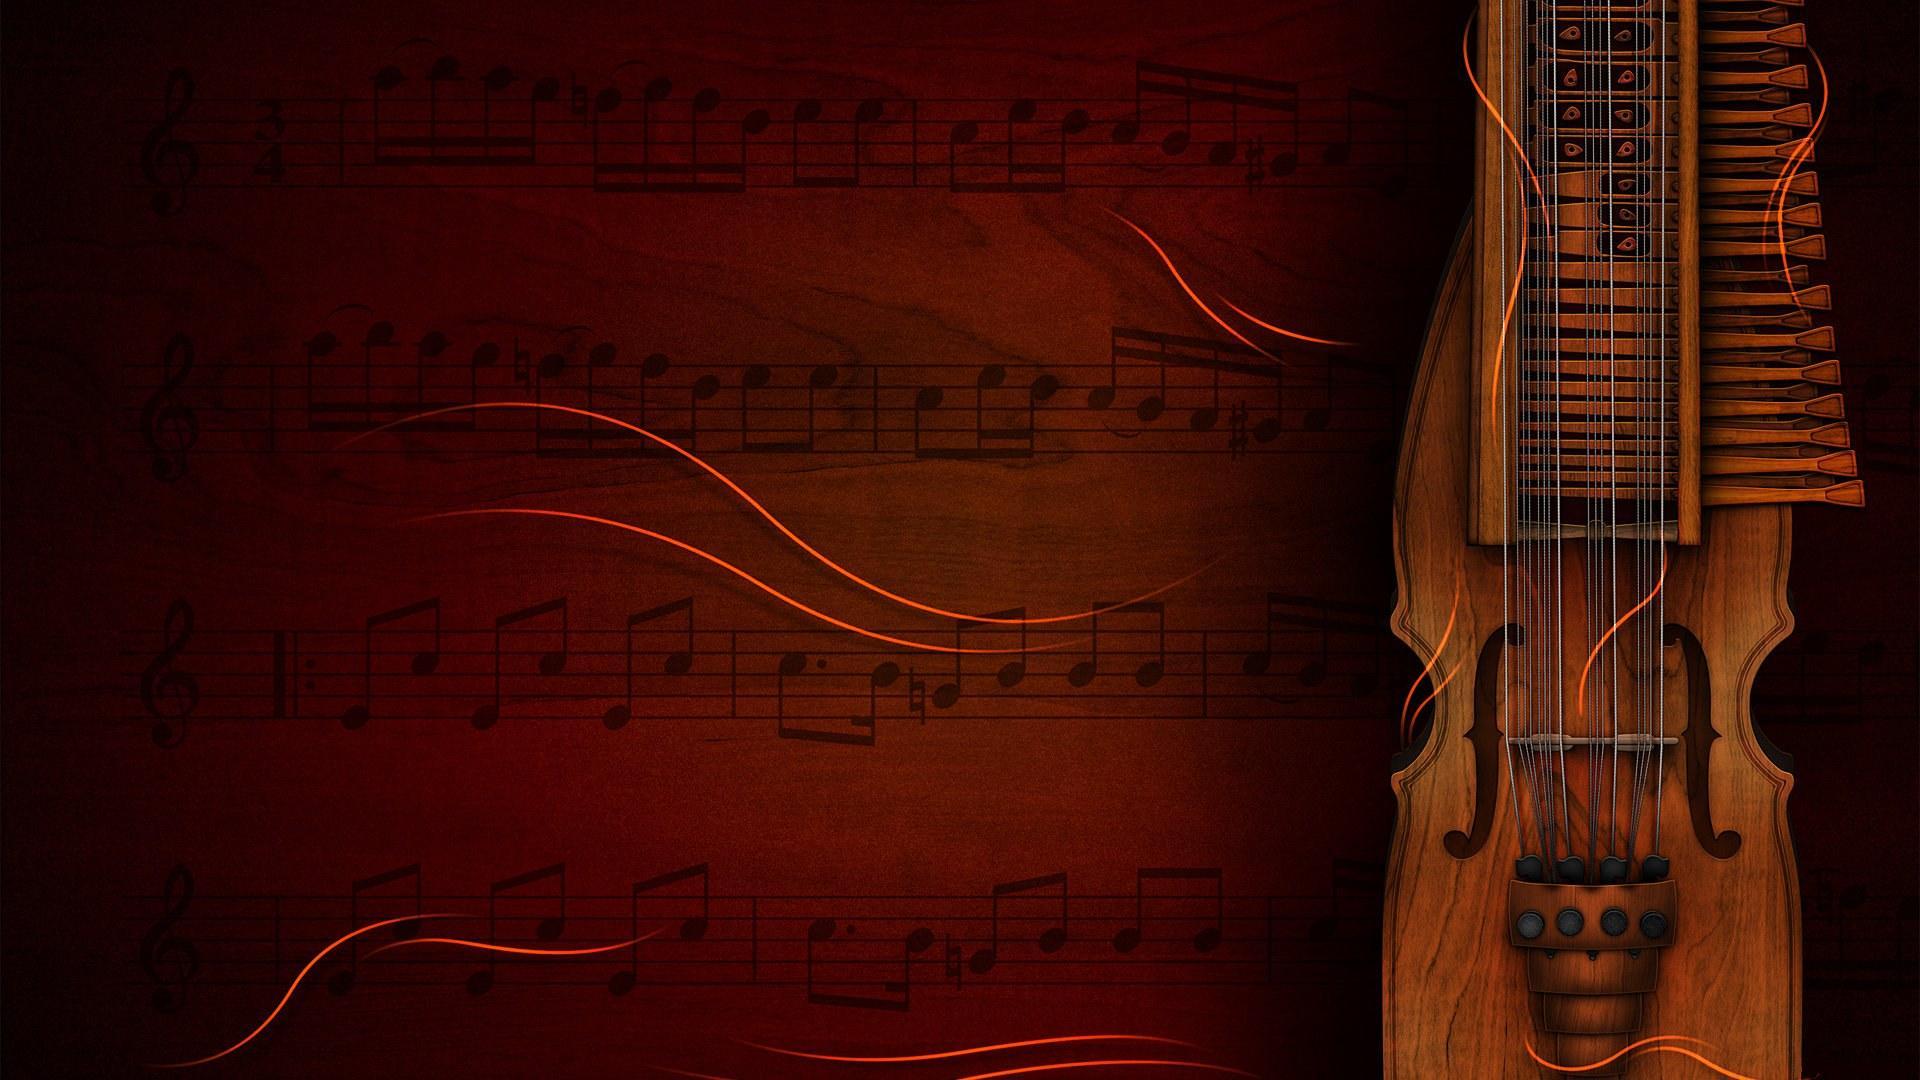 壁紙 楽器 ダウンロード 写真